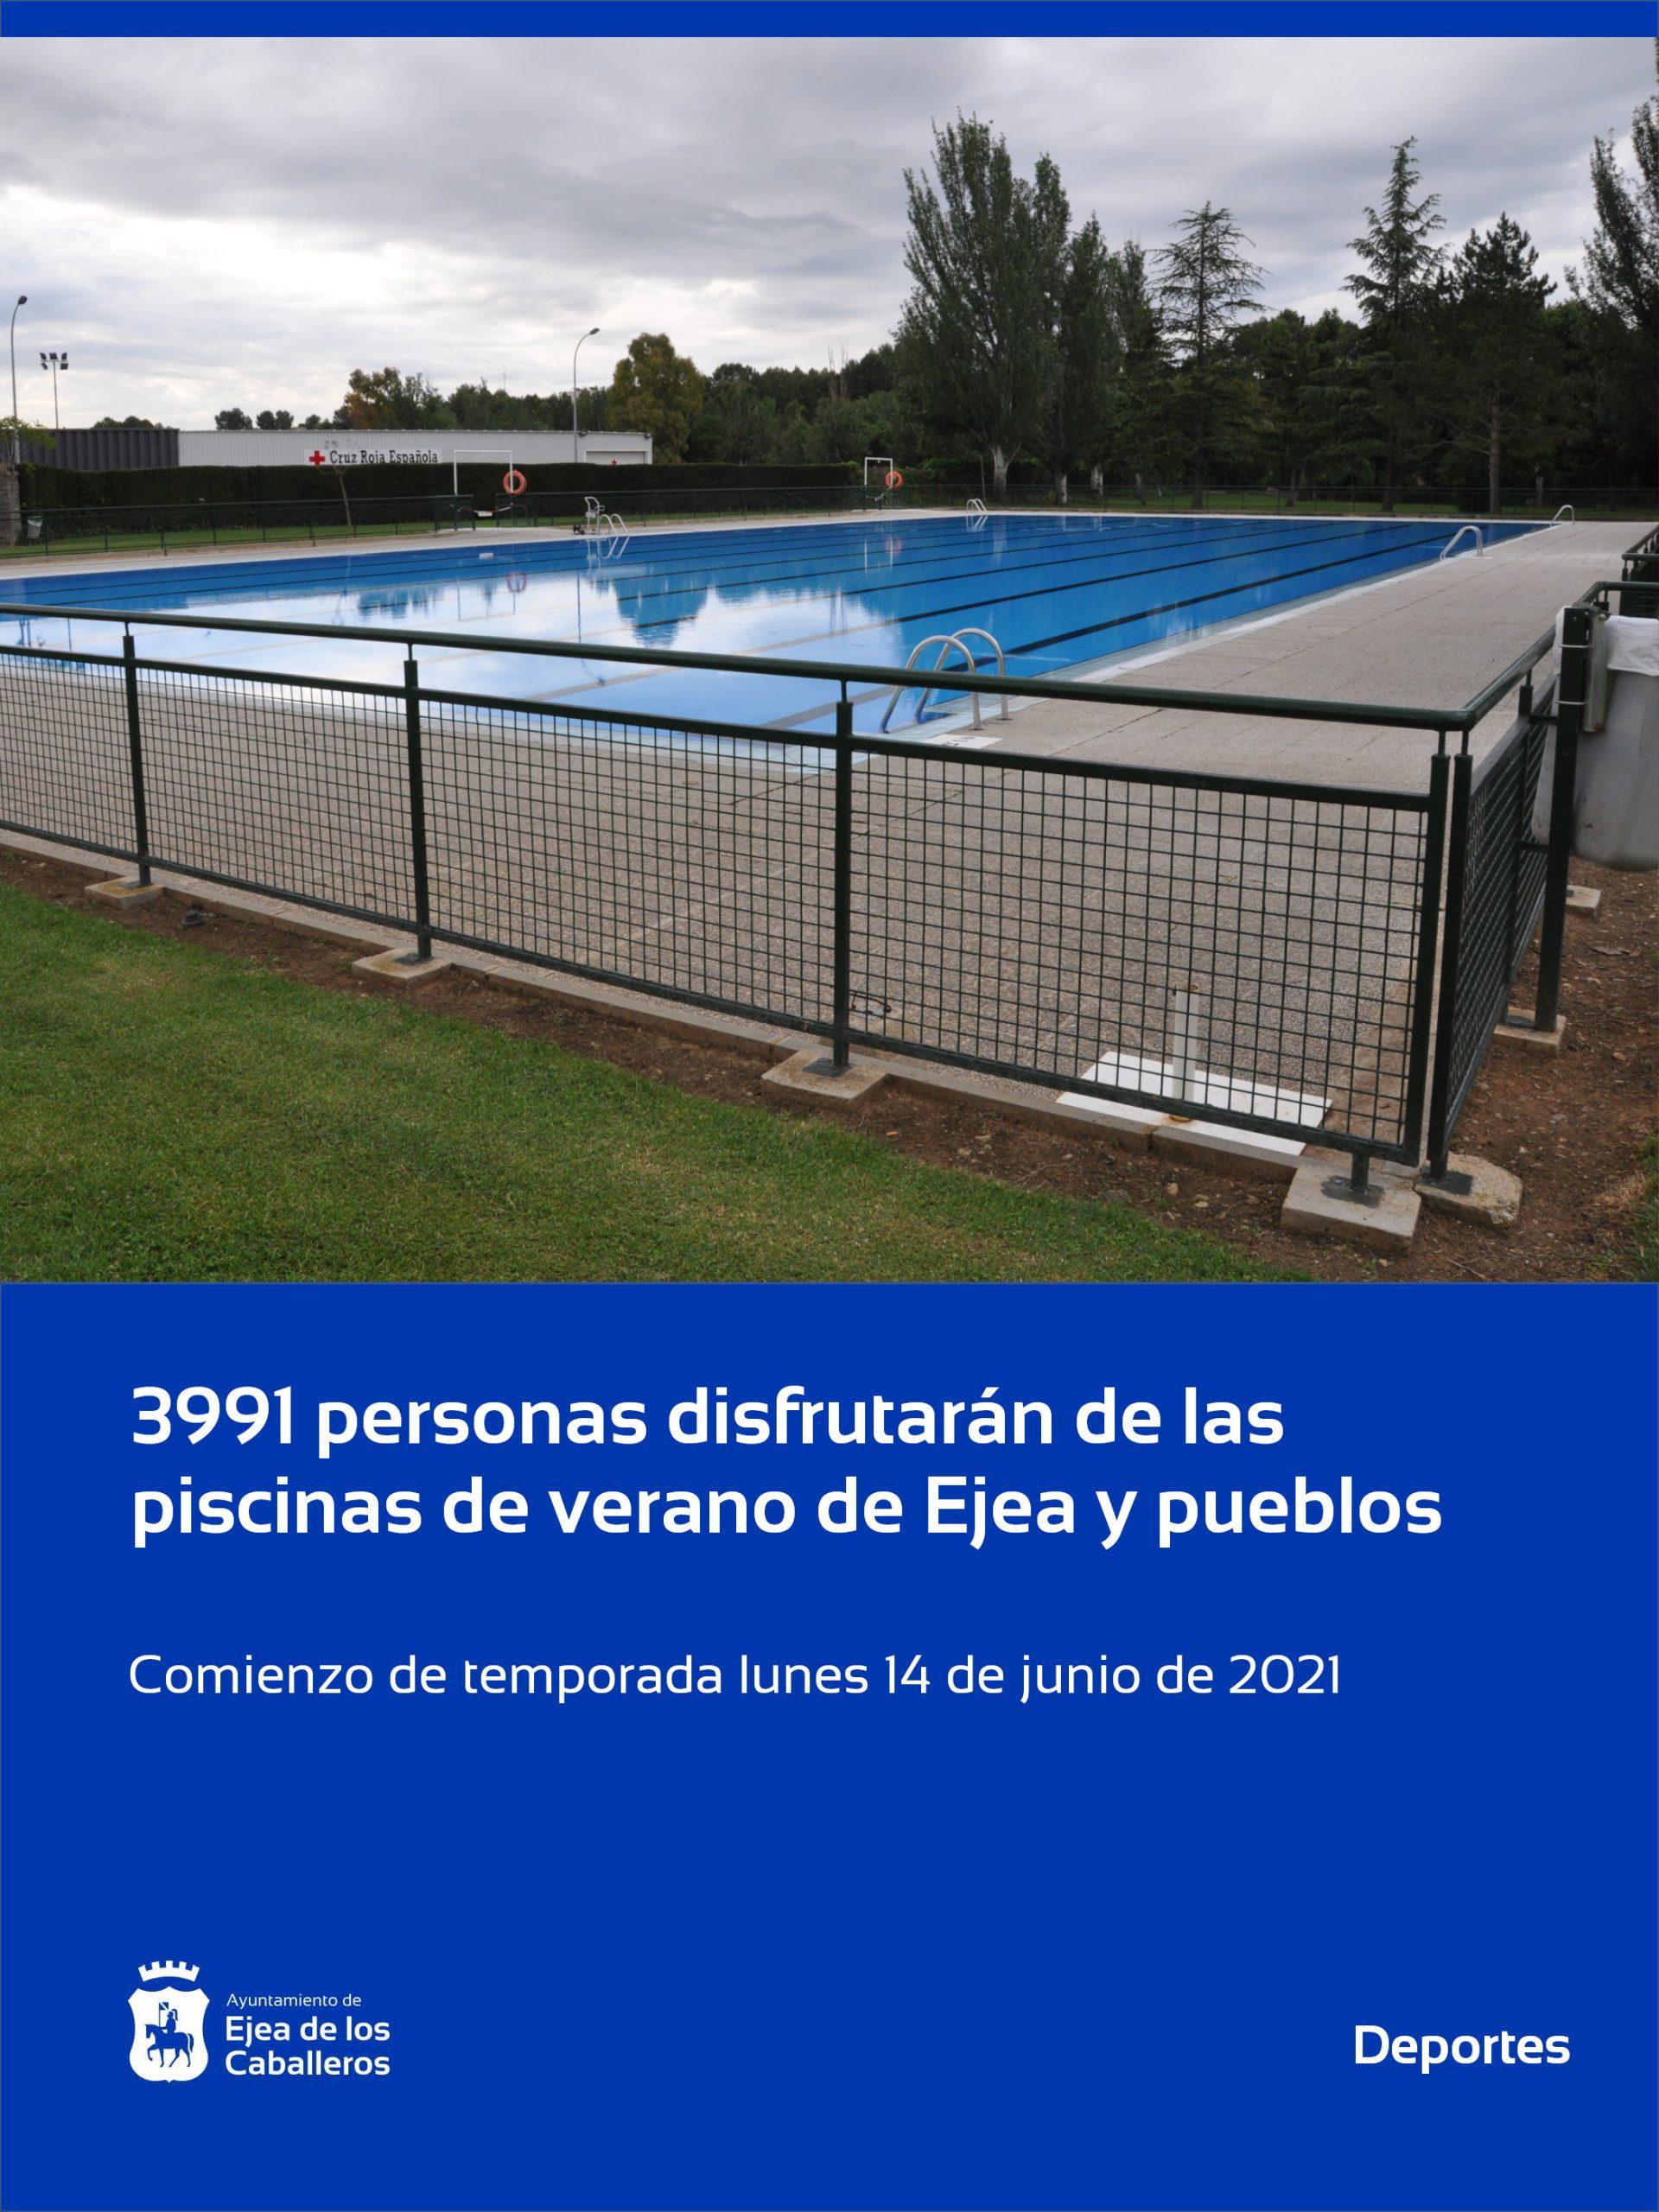 3.991 personas disfrutarán de las piscinas de Ejea de los Caballeros y sus Pueblos con medidas especiales frente a la COVID-19